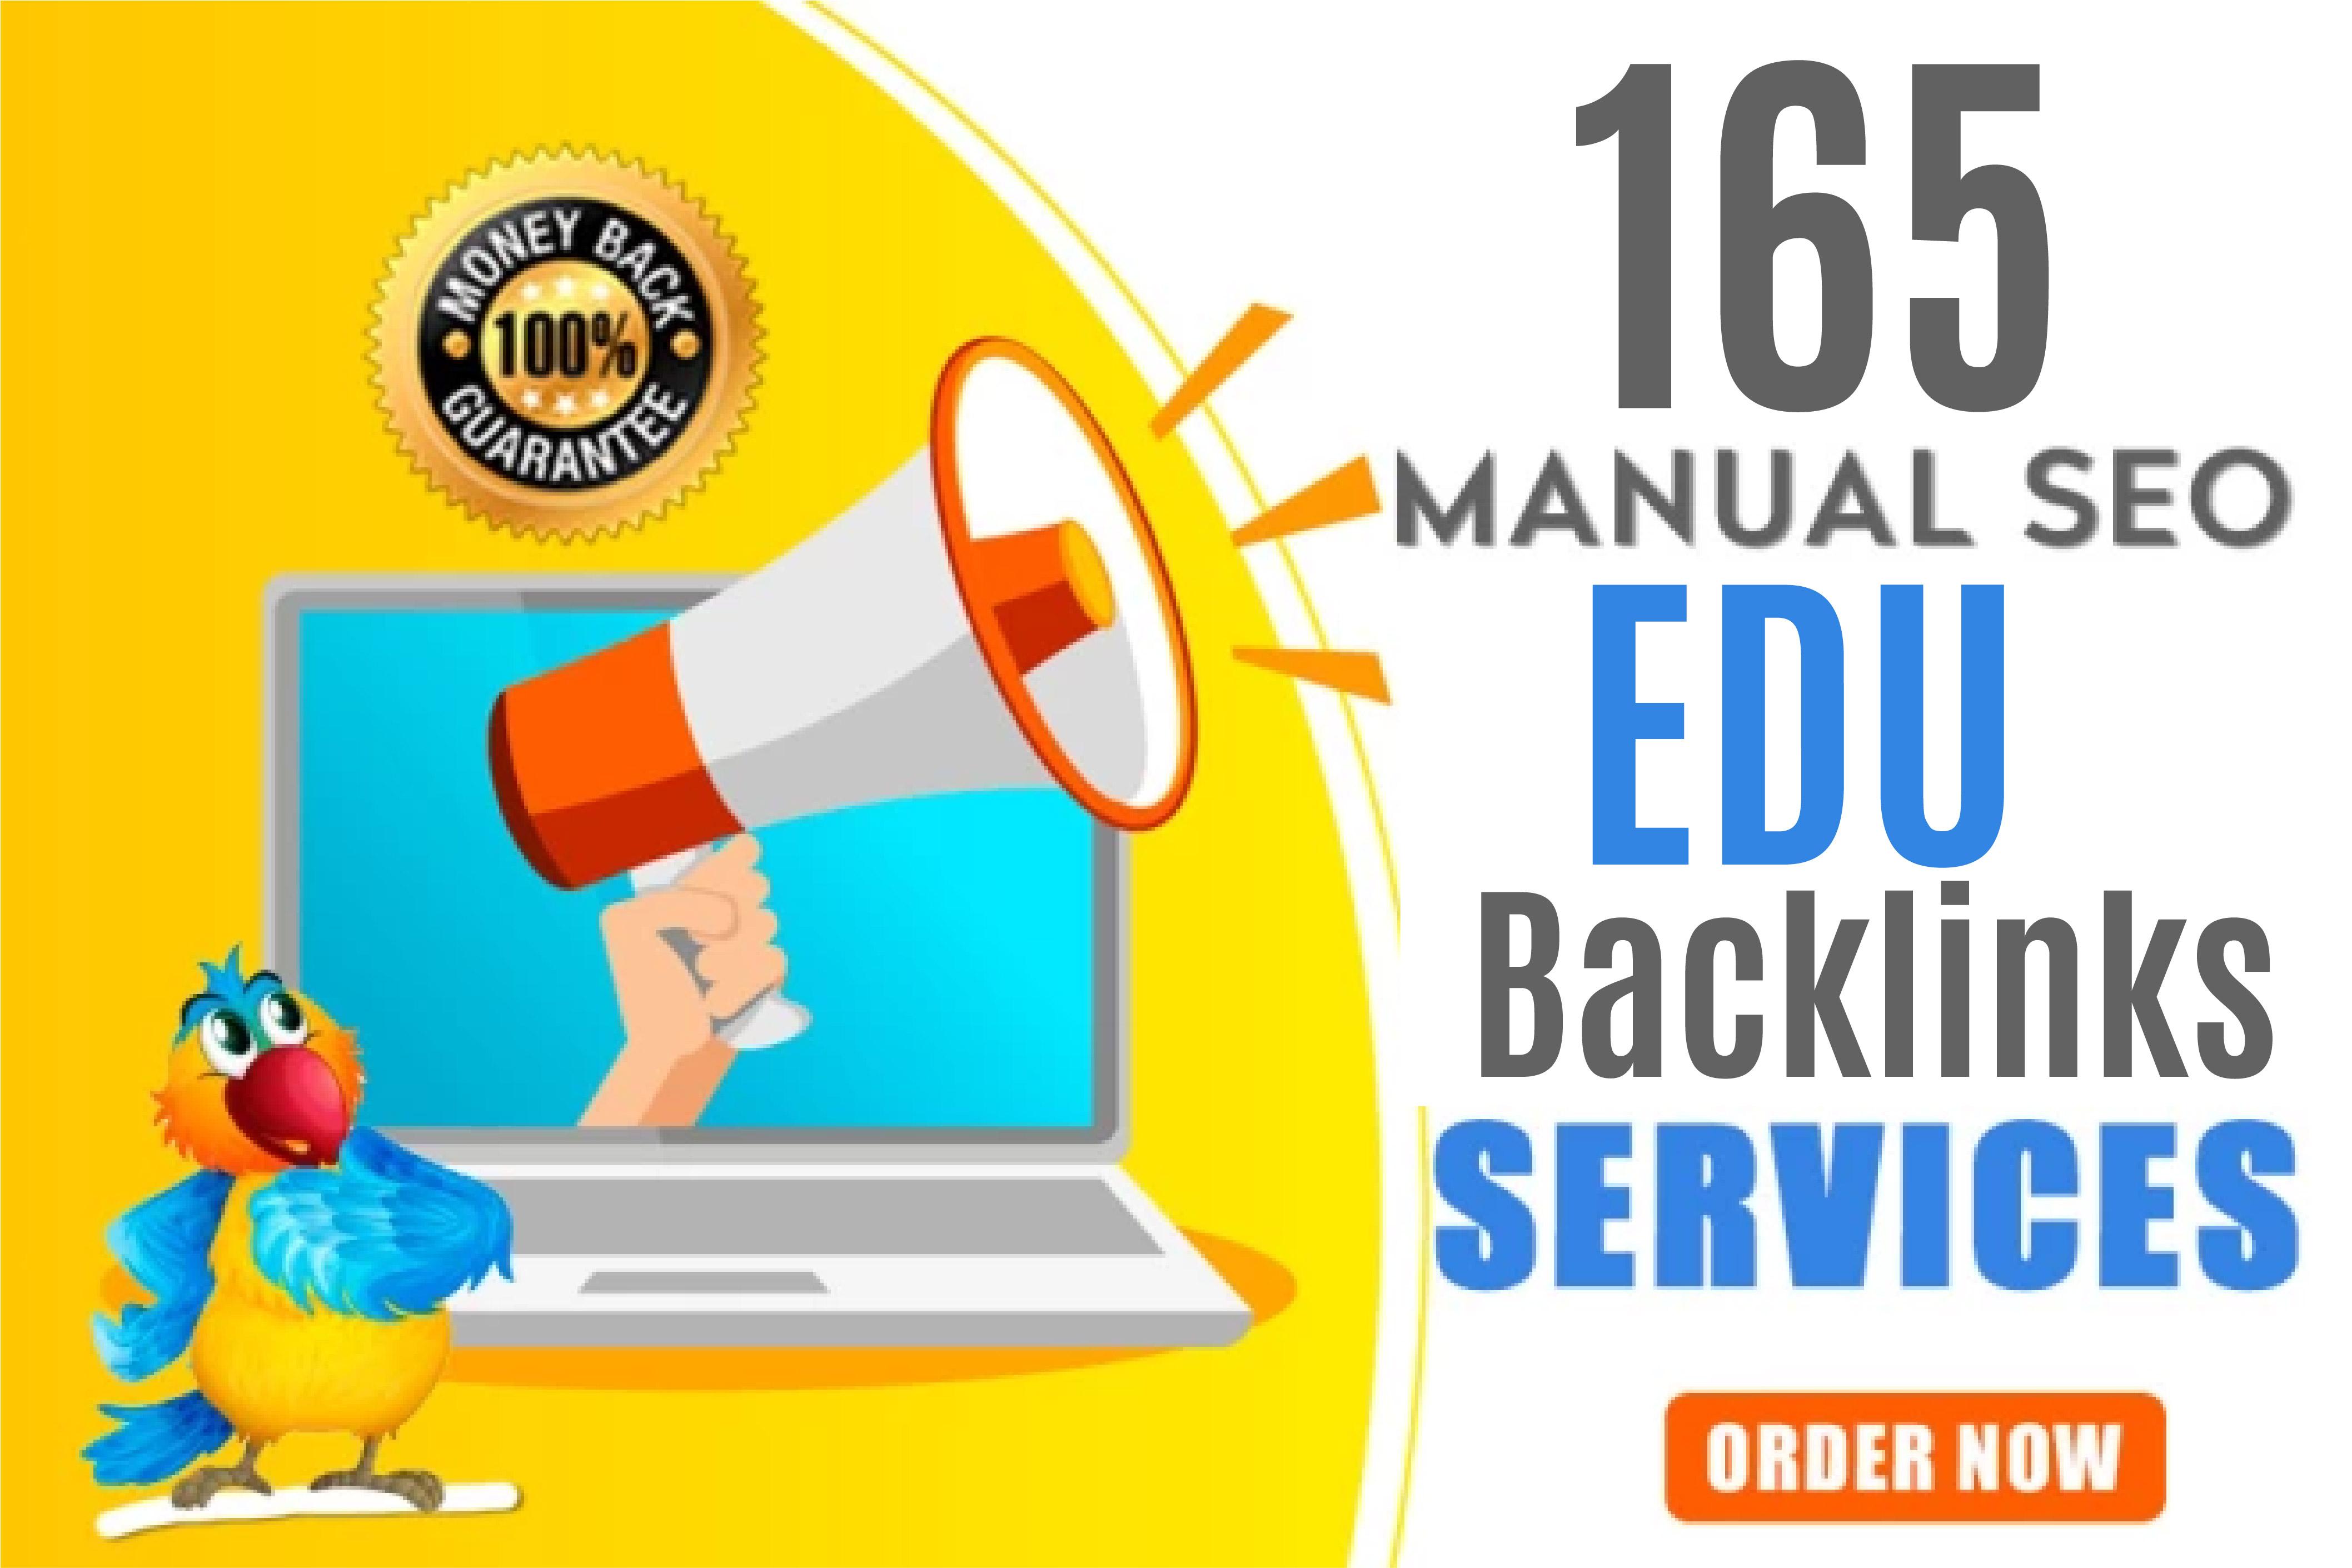 Create 165 EDU Safe High Authority SEO Backlinks For Your Website